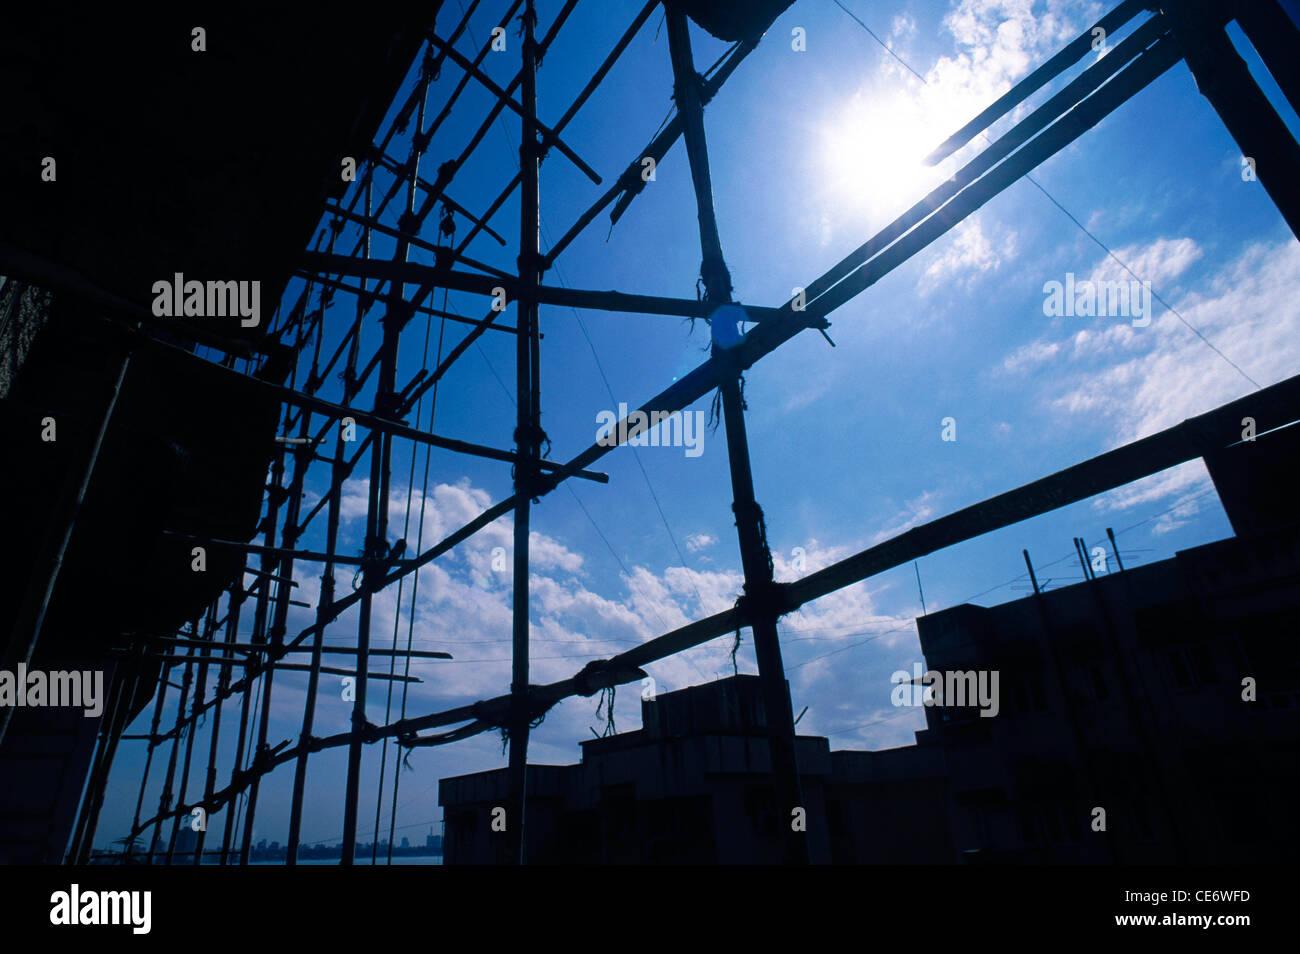 Les échafaudages en bambou 86018 STP: soleil structure des nuages blancs de ciel bleu l'Inde Photo Stock